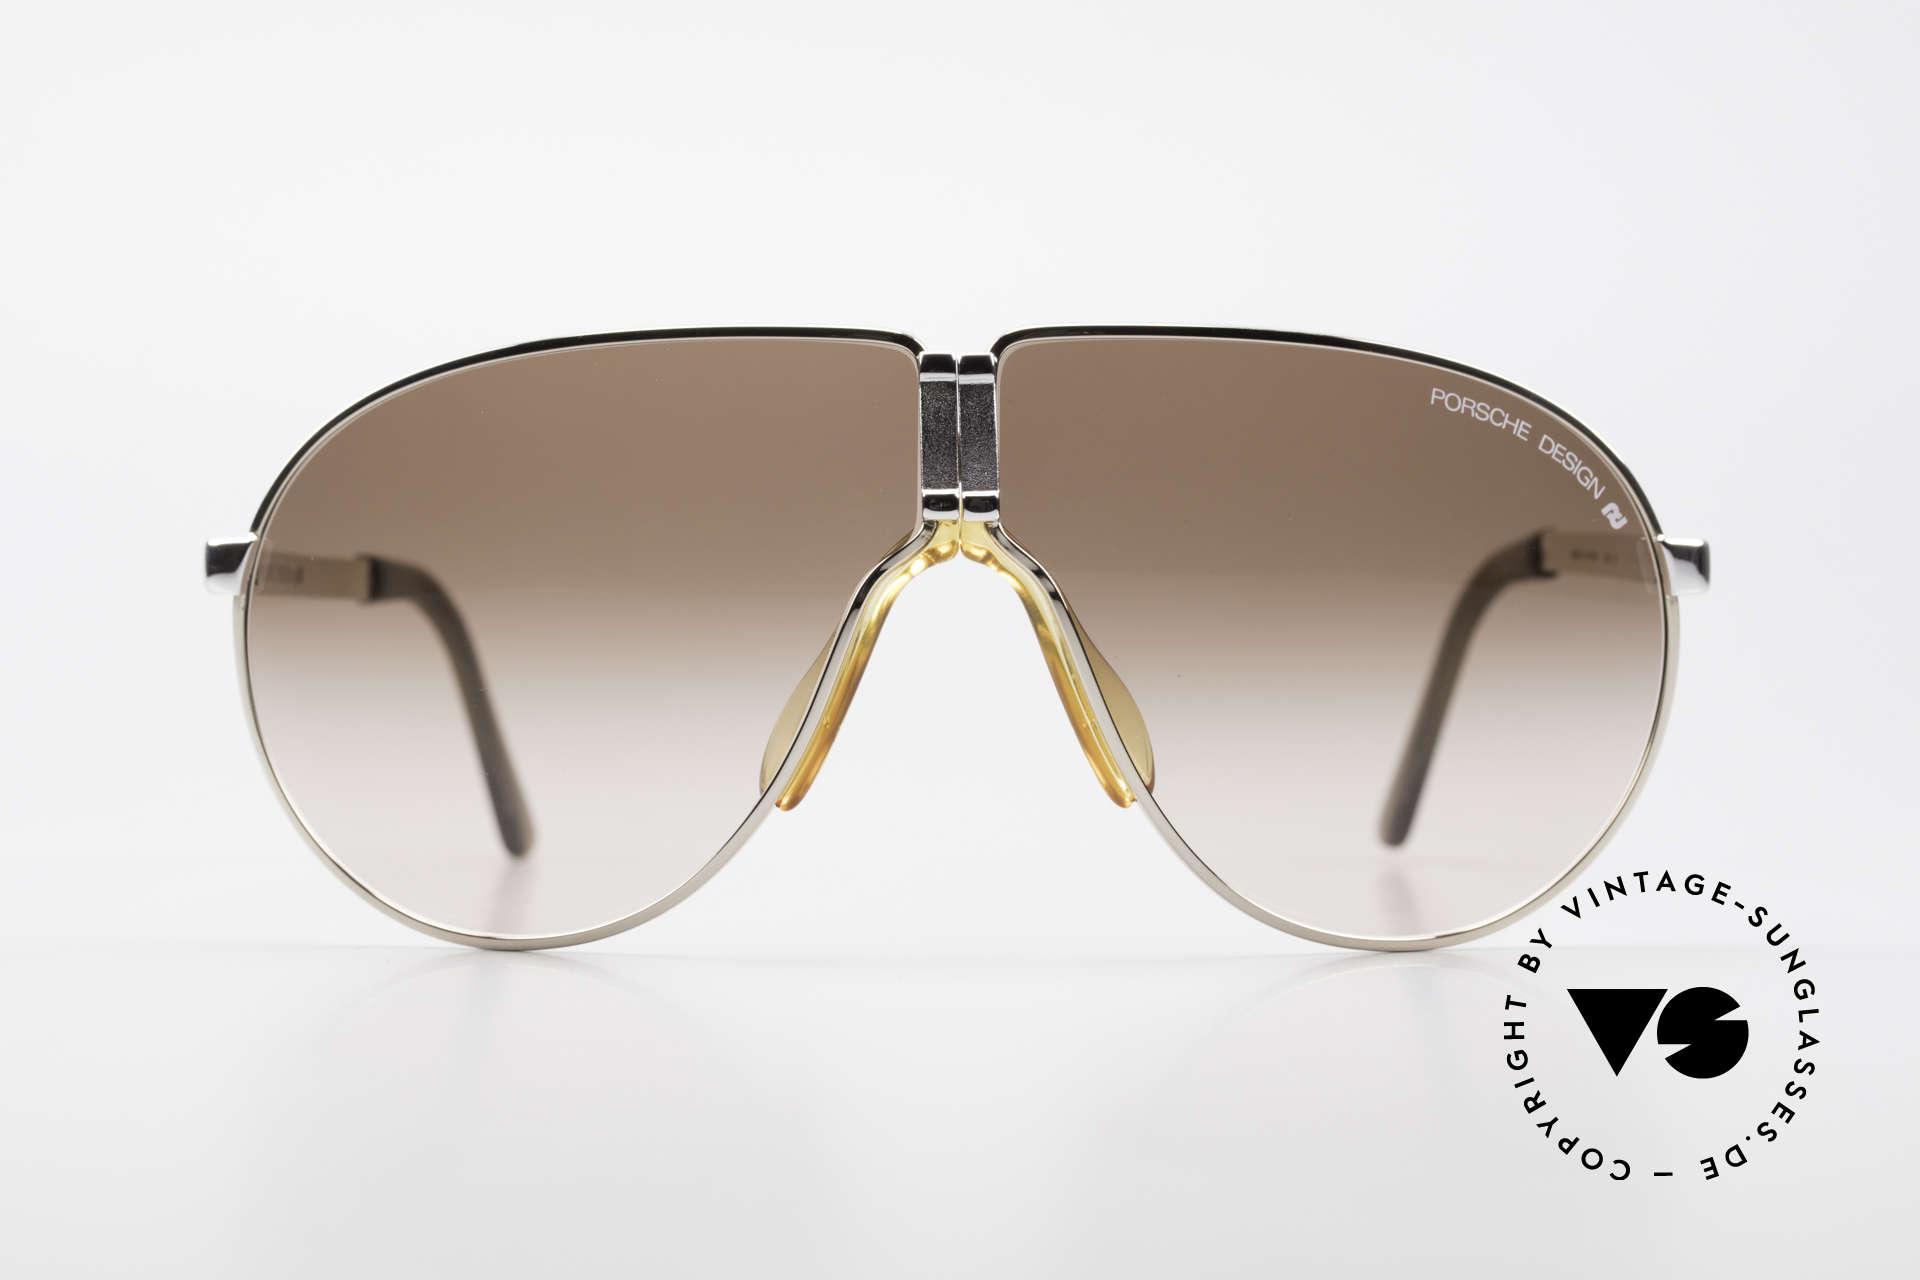 Porsche 5622 80er Luxus Faltsonnenbrille, Rahmen bicolor mit braunen Gläsern; echter Klassiker!, Passend für Herren